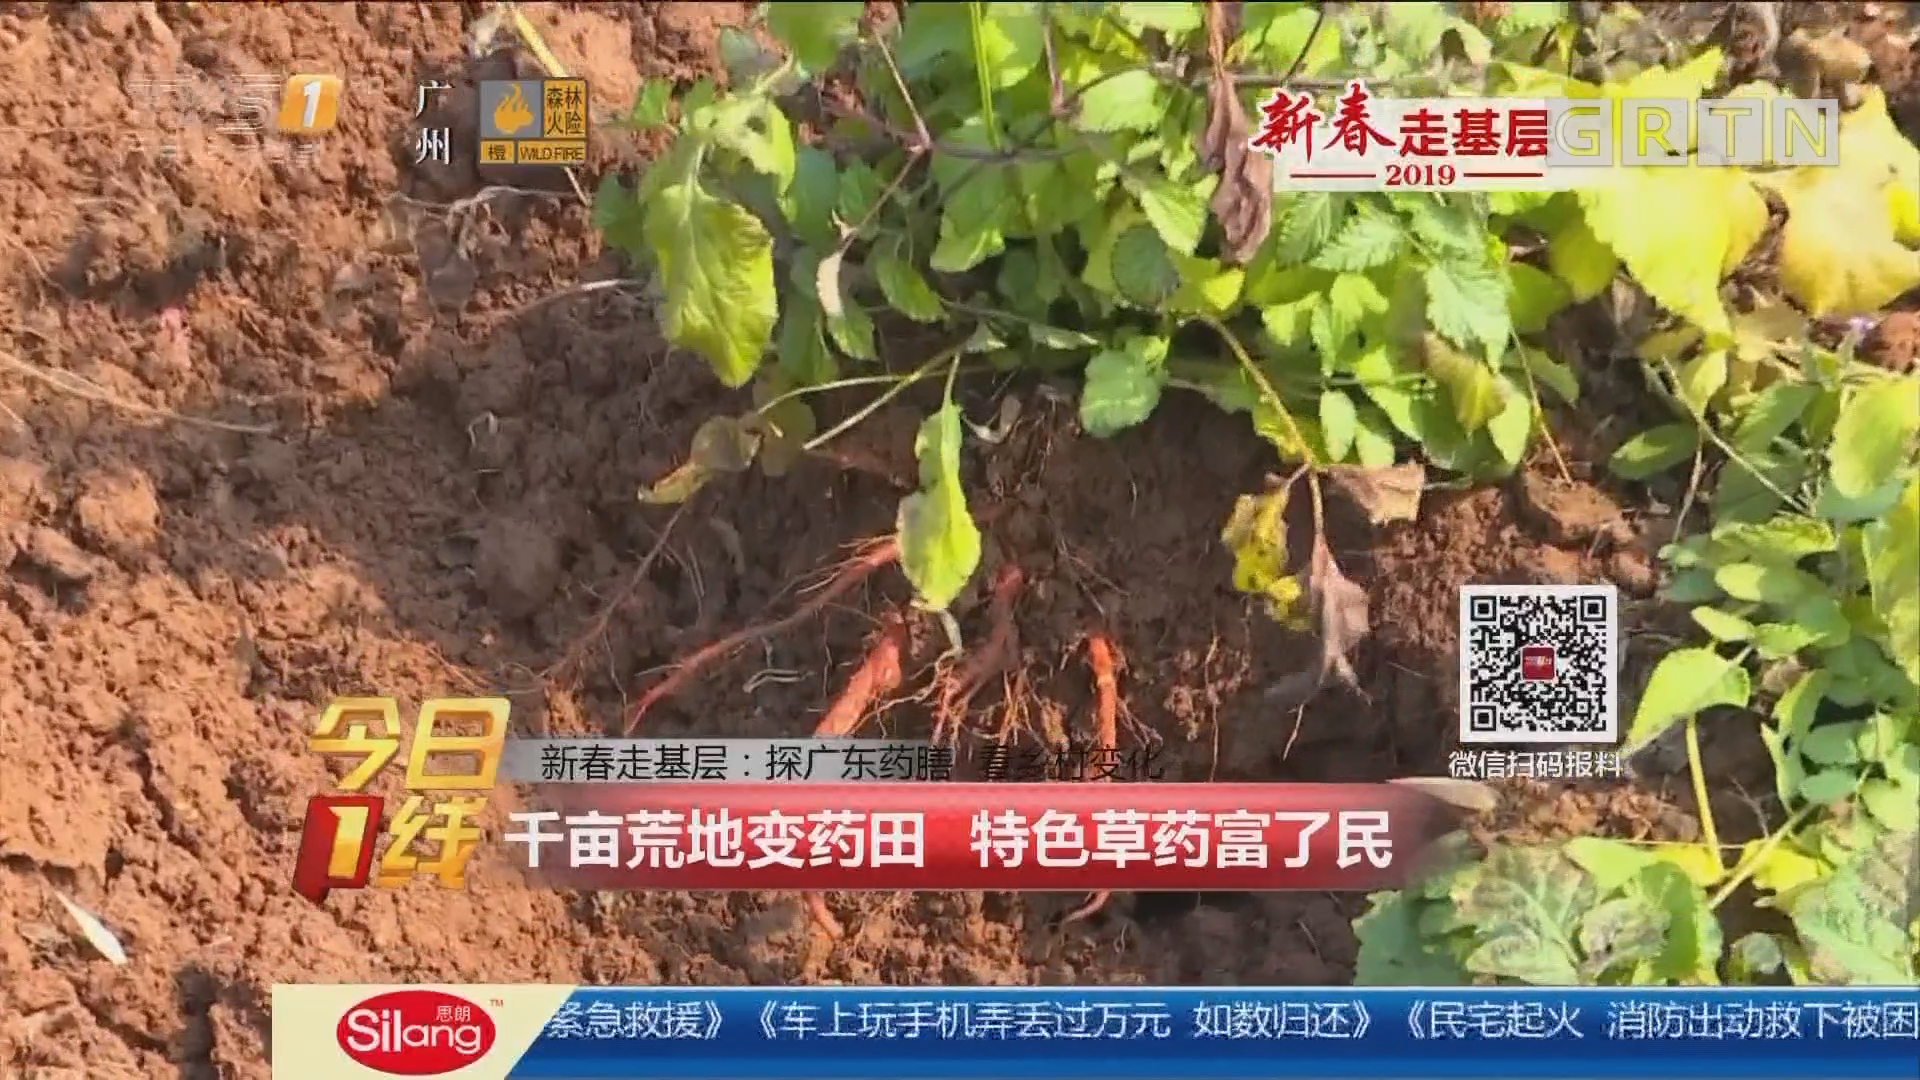 新春走基层:探广东药膳 看乡村变化 千亩荒地变药田 特色草药富了民